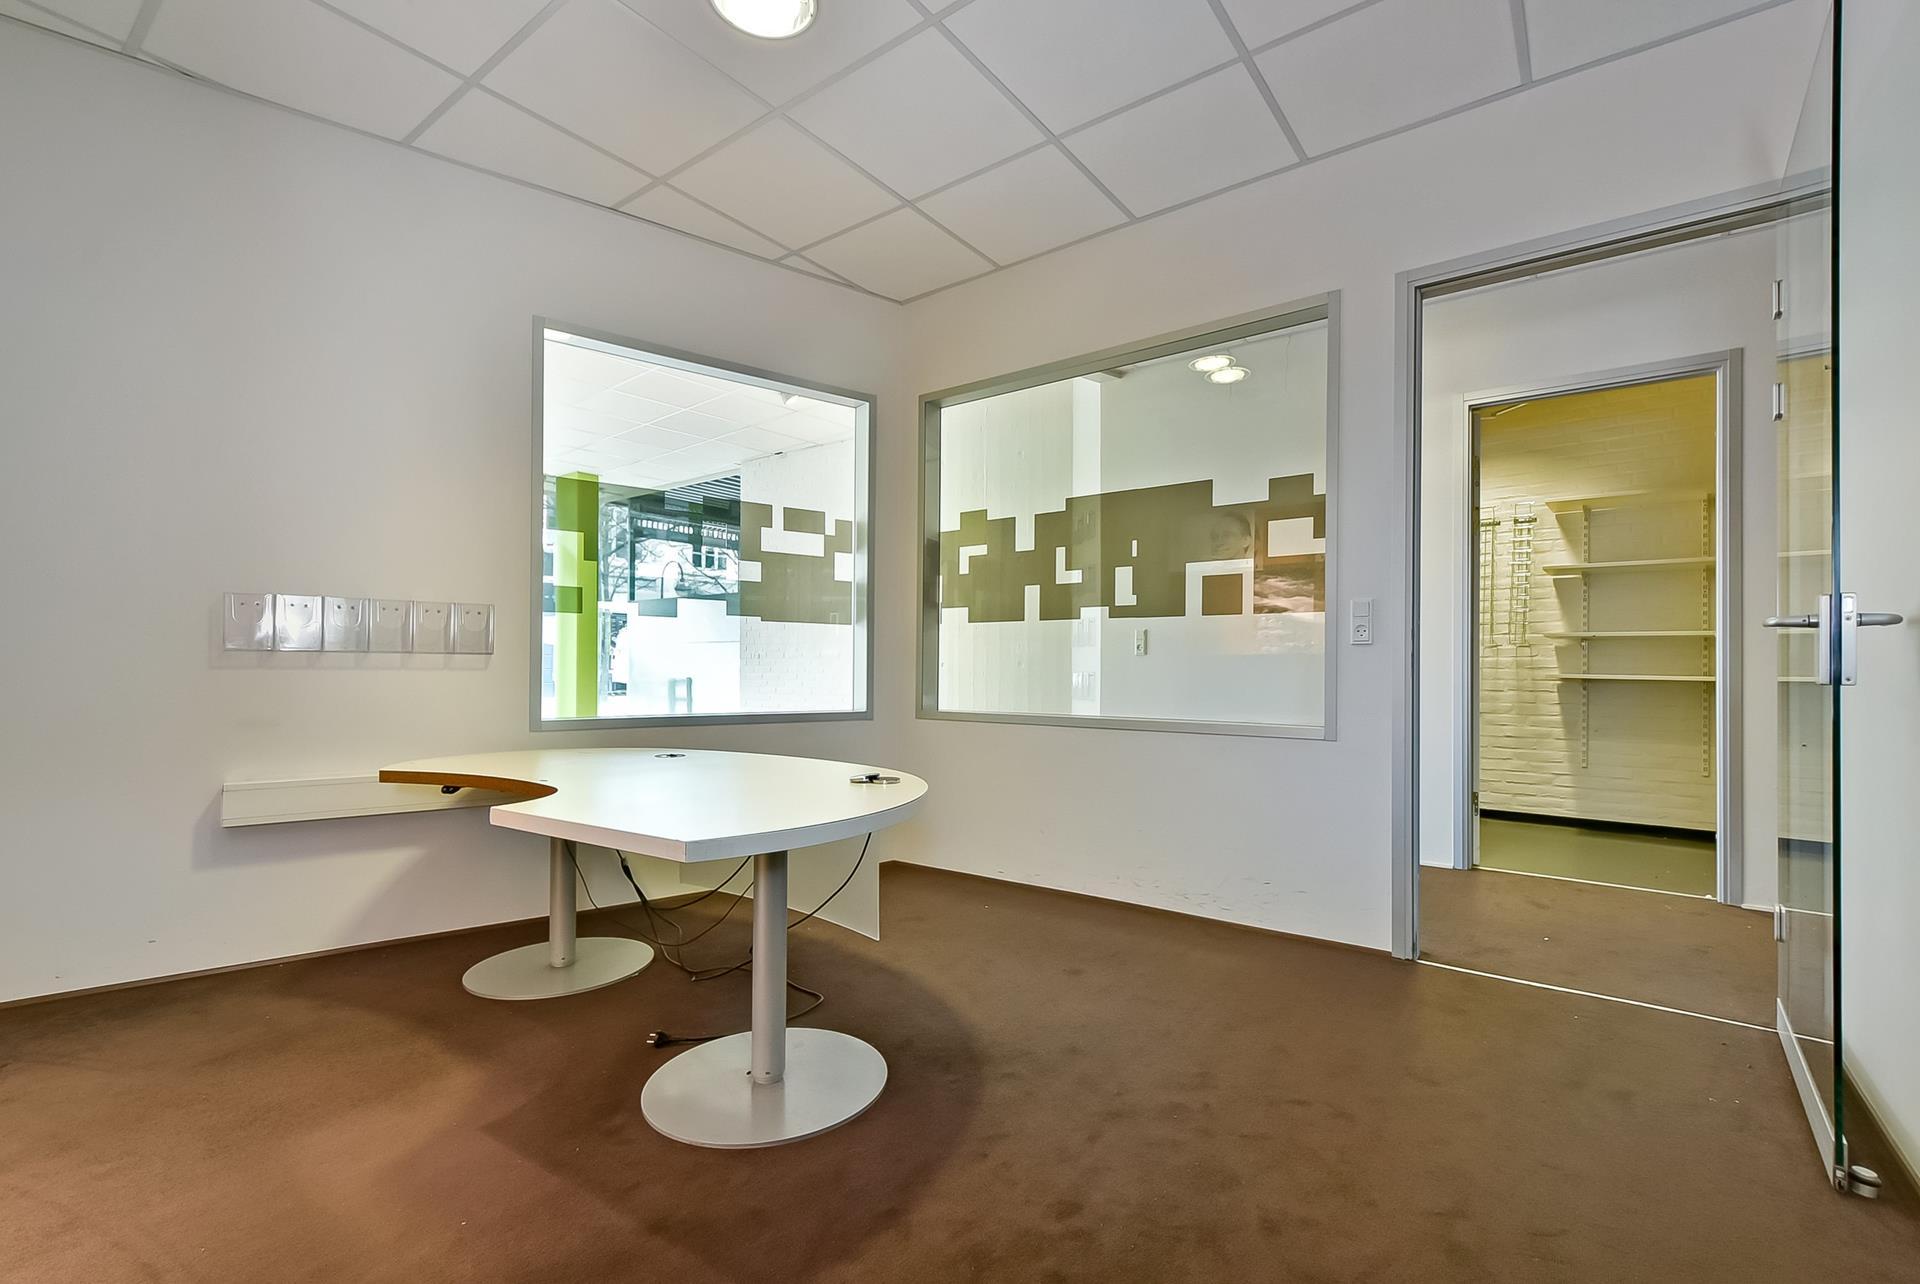 Bolig/erhverv på Bredgade i Herning - Kontor